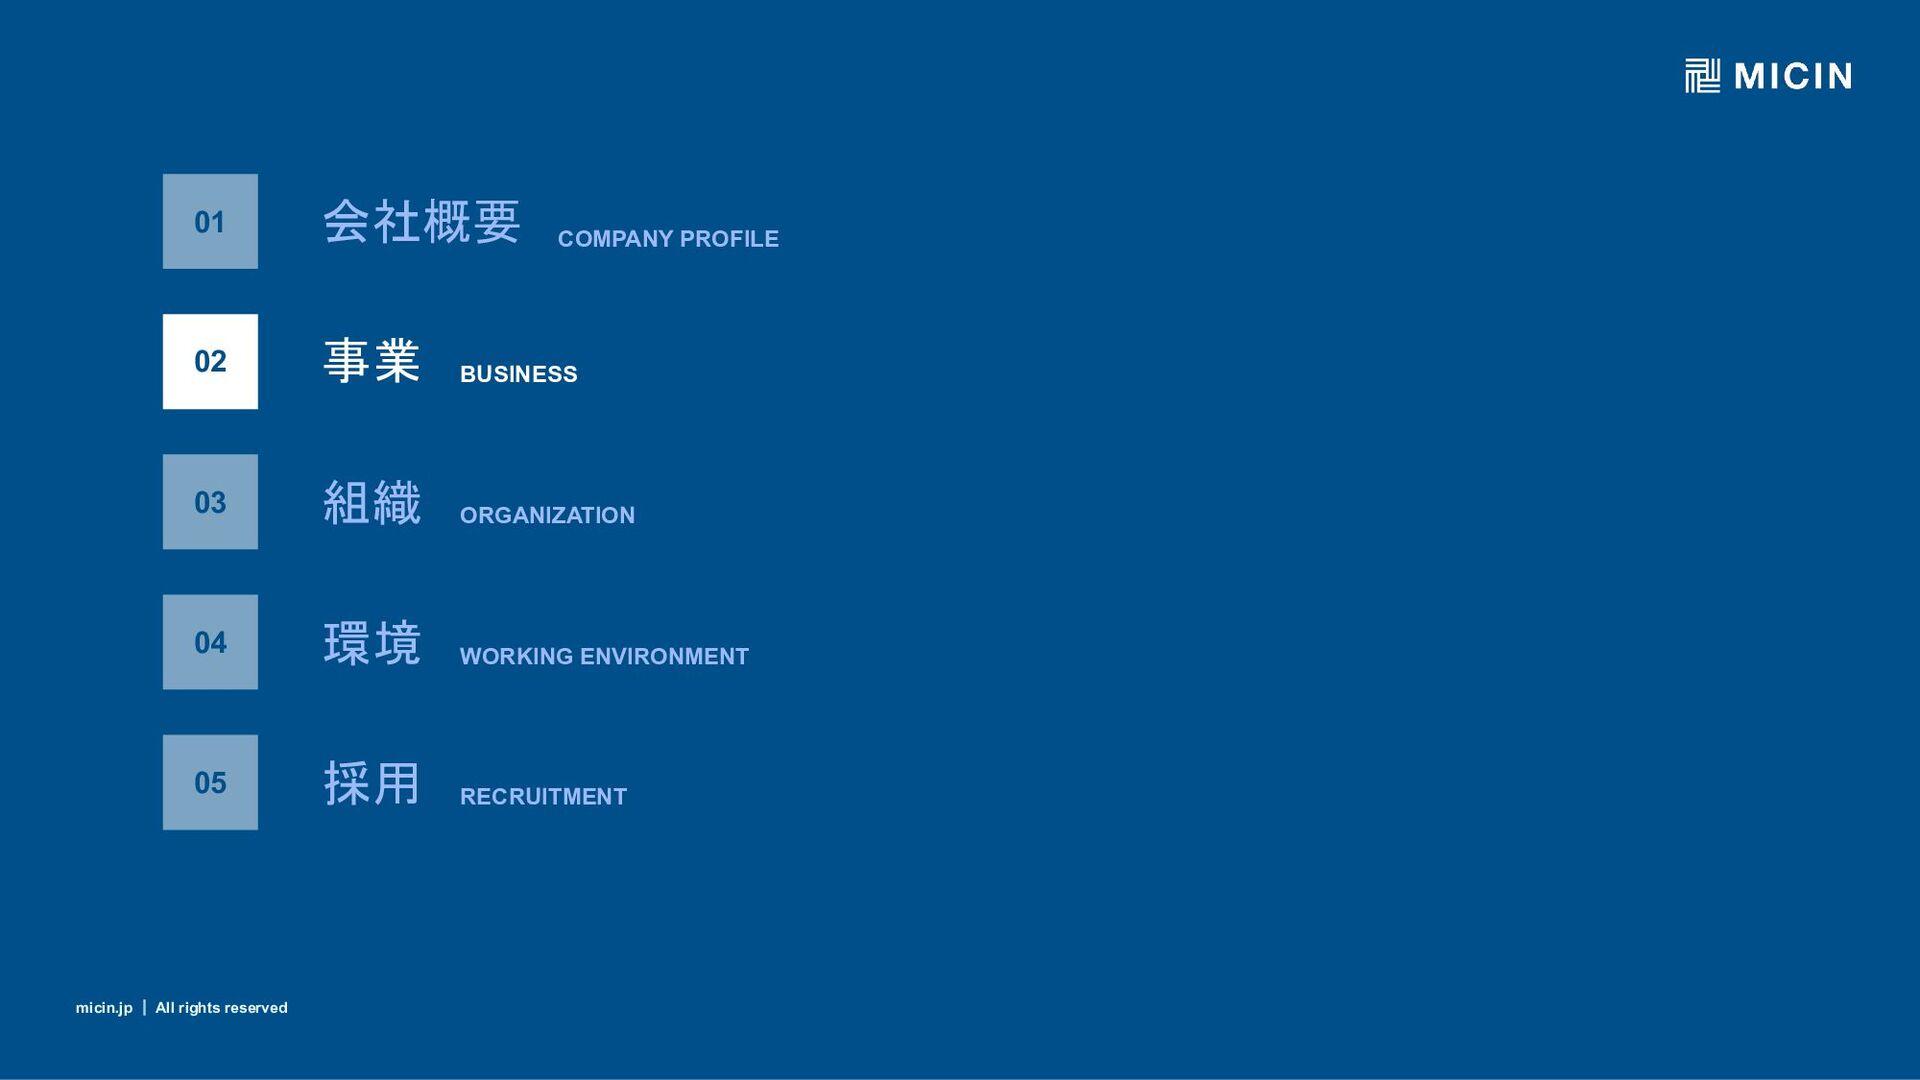 micin.jp ʛ All rights reserved 8 micin.jp ʛ All...